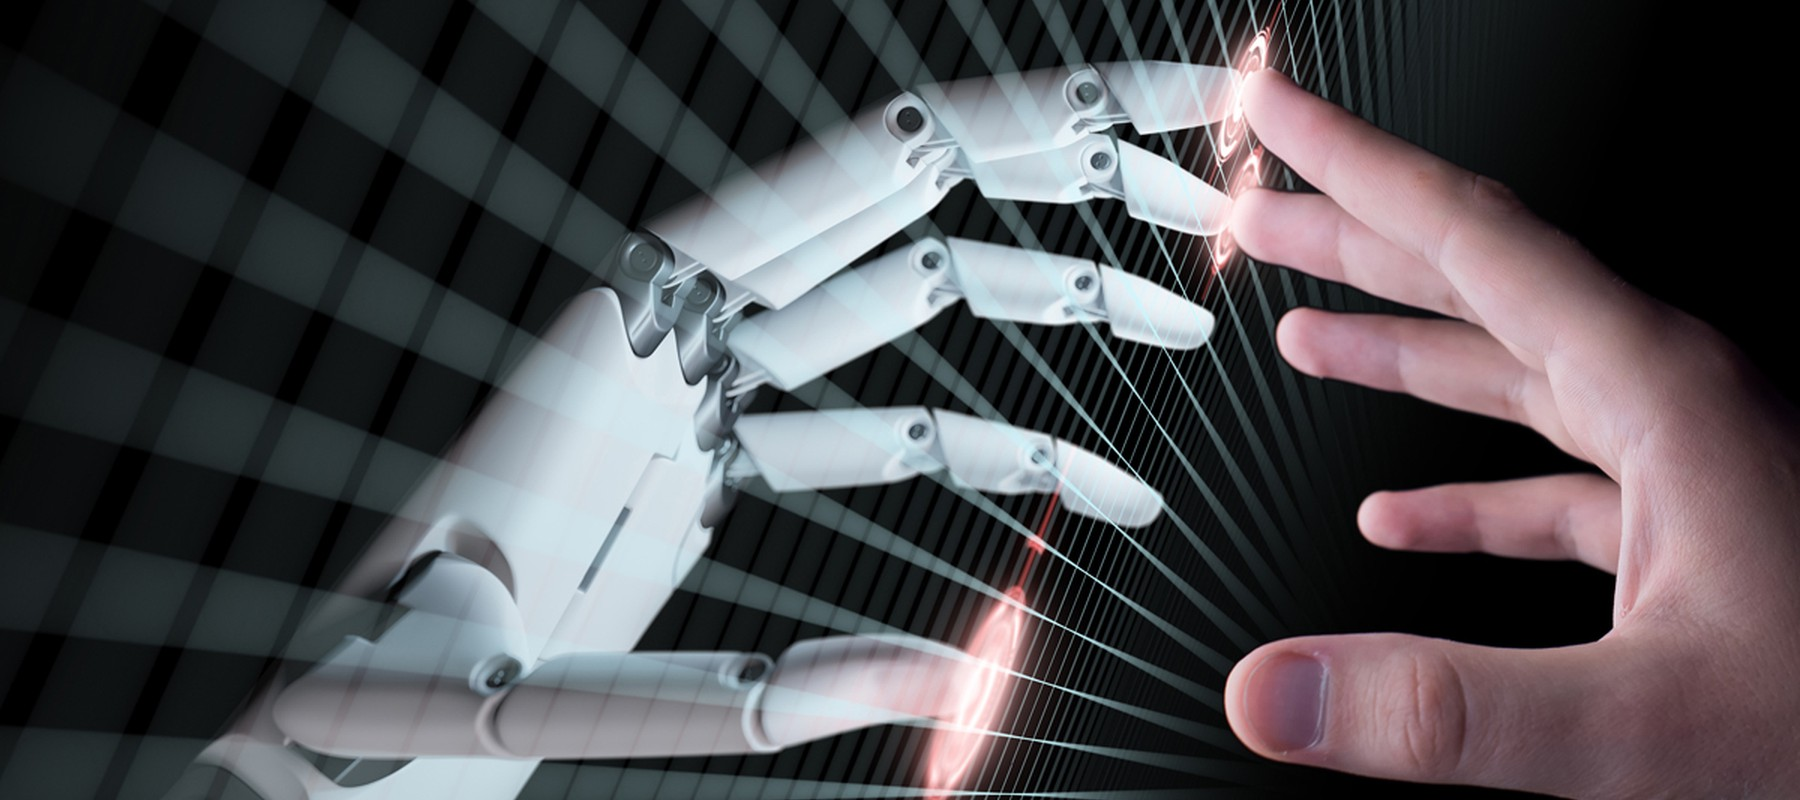 Bouwen met data, algoritmes, bots en slimme assistenten